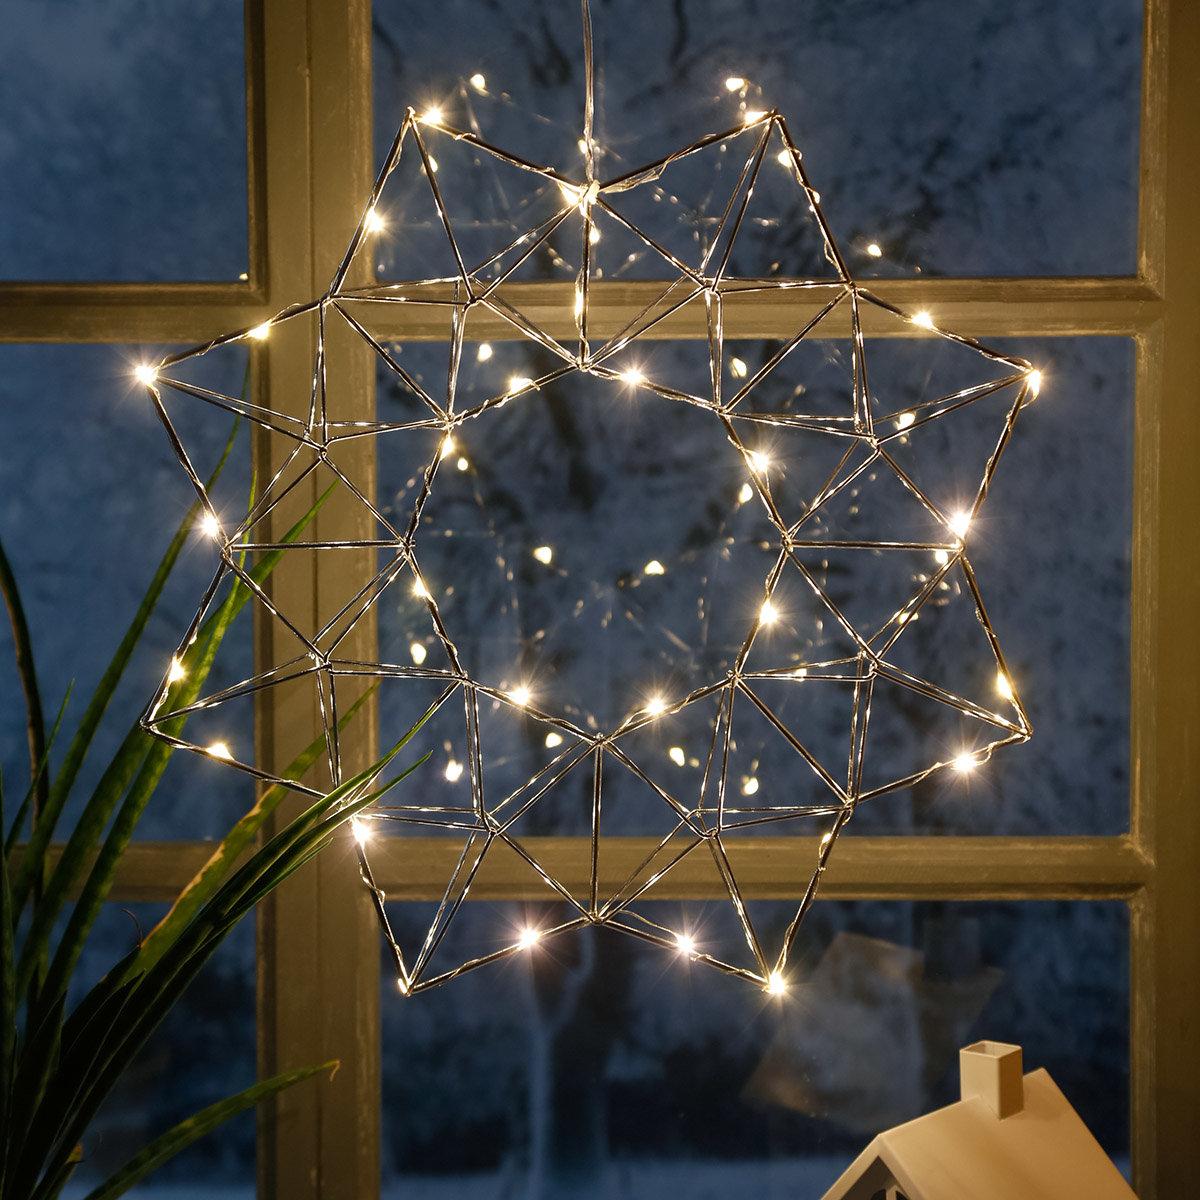 LED-Leuchtstern Modern Christmas, 30 LEDs | #2